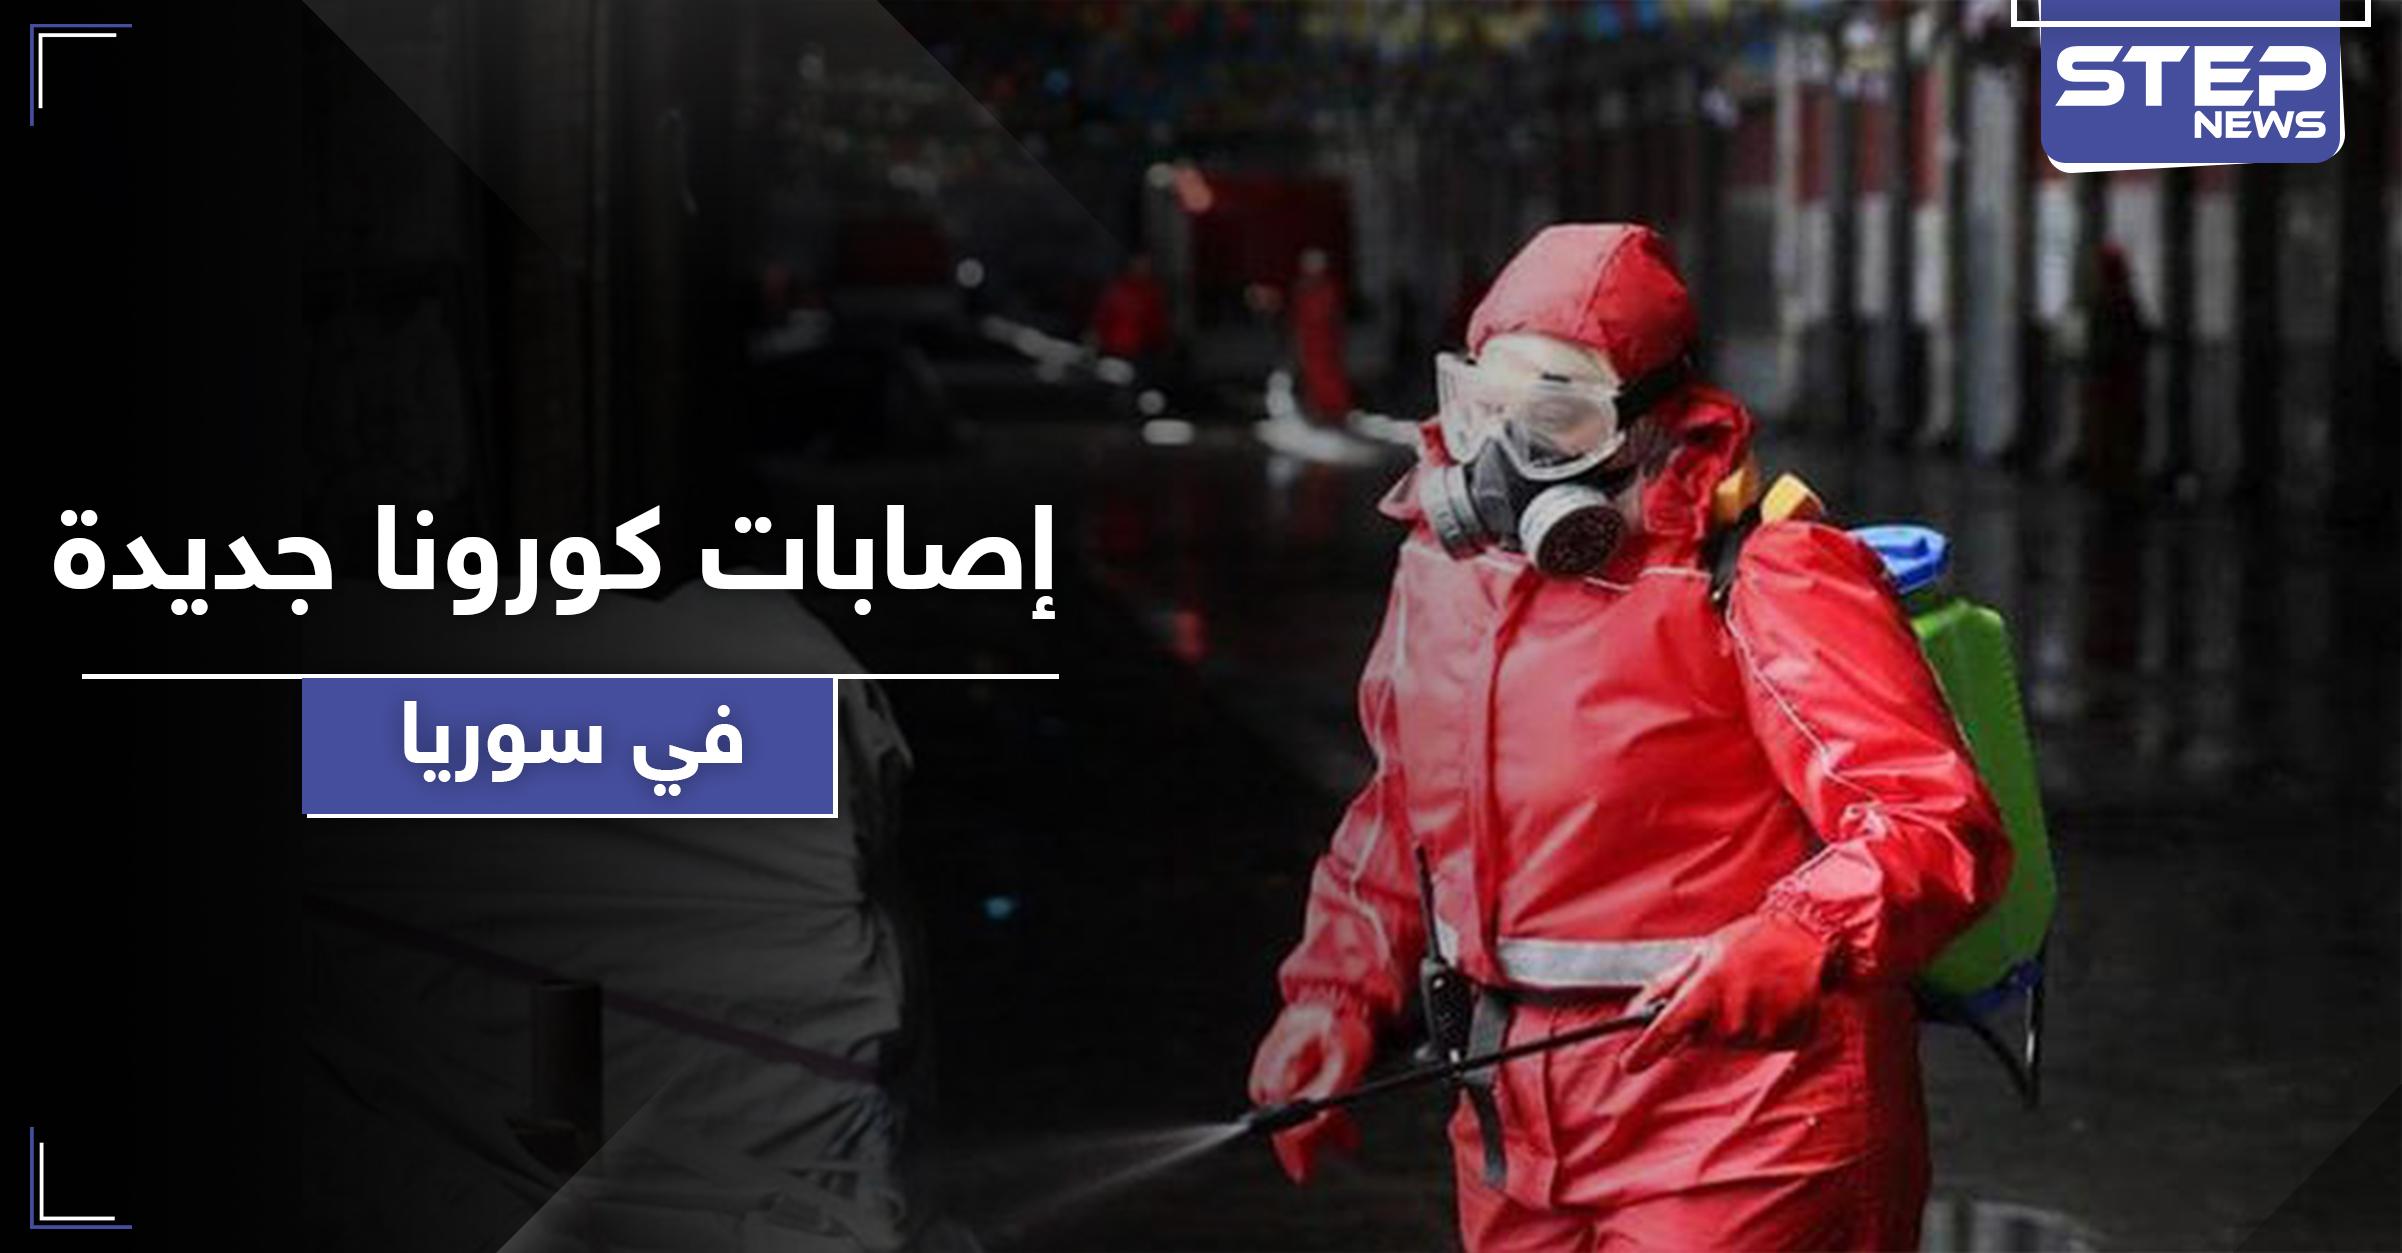 9 إصابات جديدة بفيروس كورونا والحجر على أبنية سكنية بريف دمشق